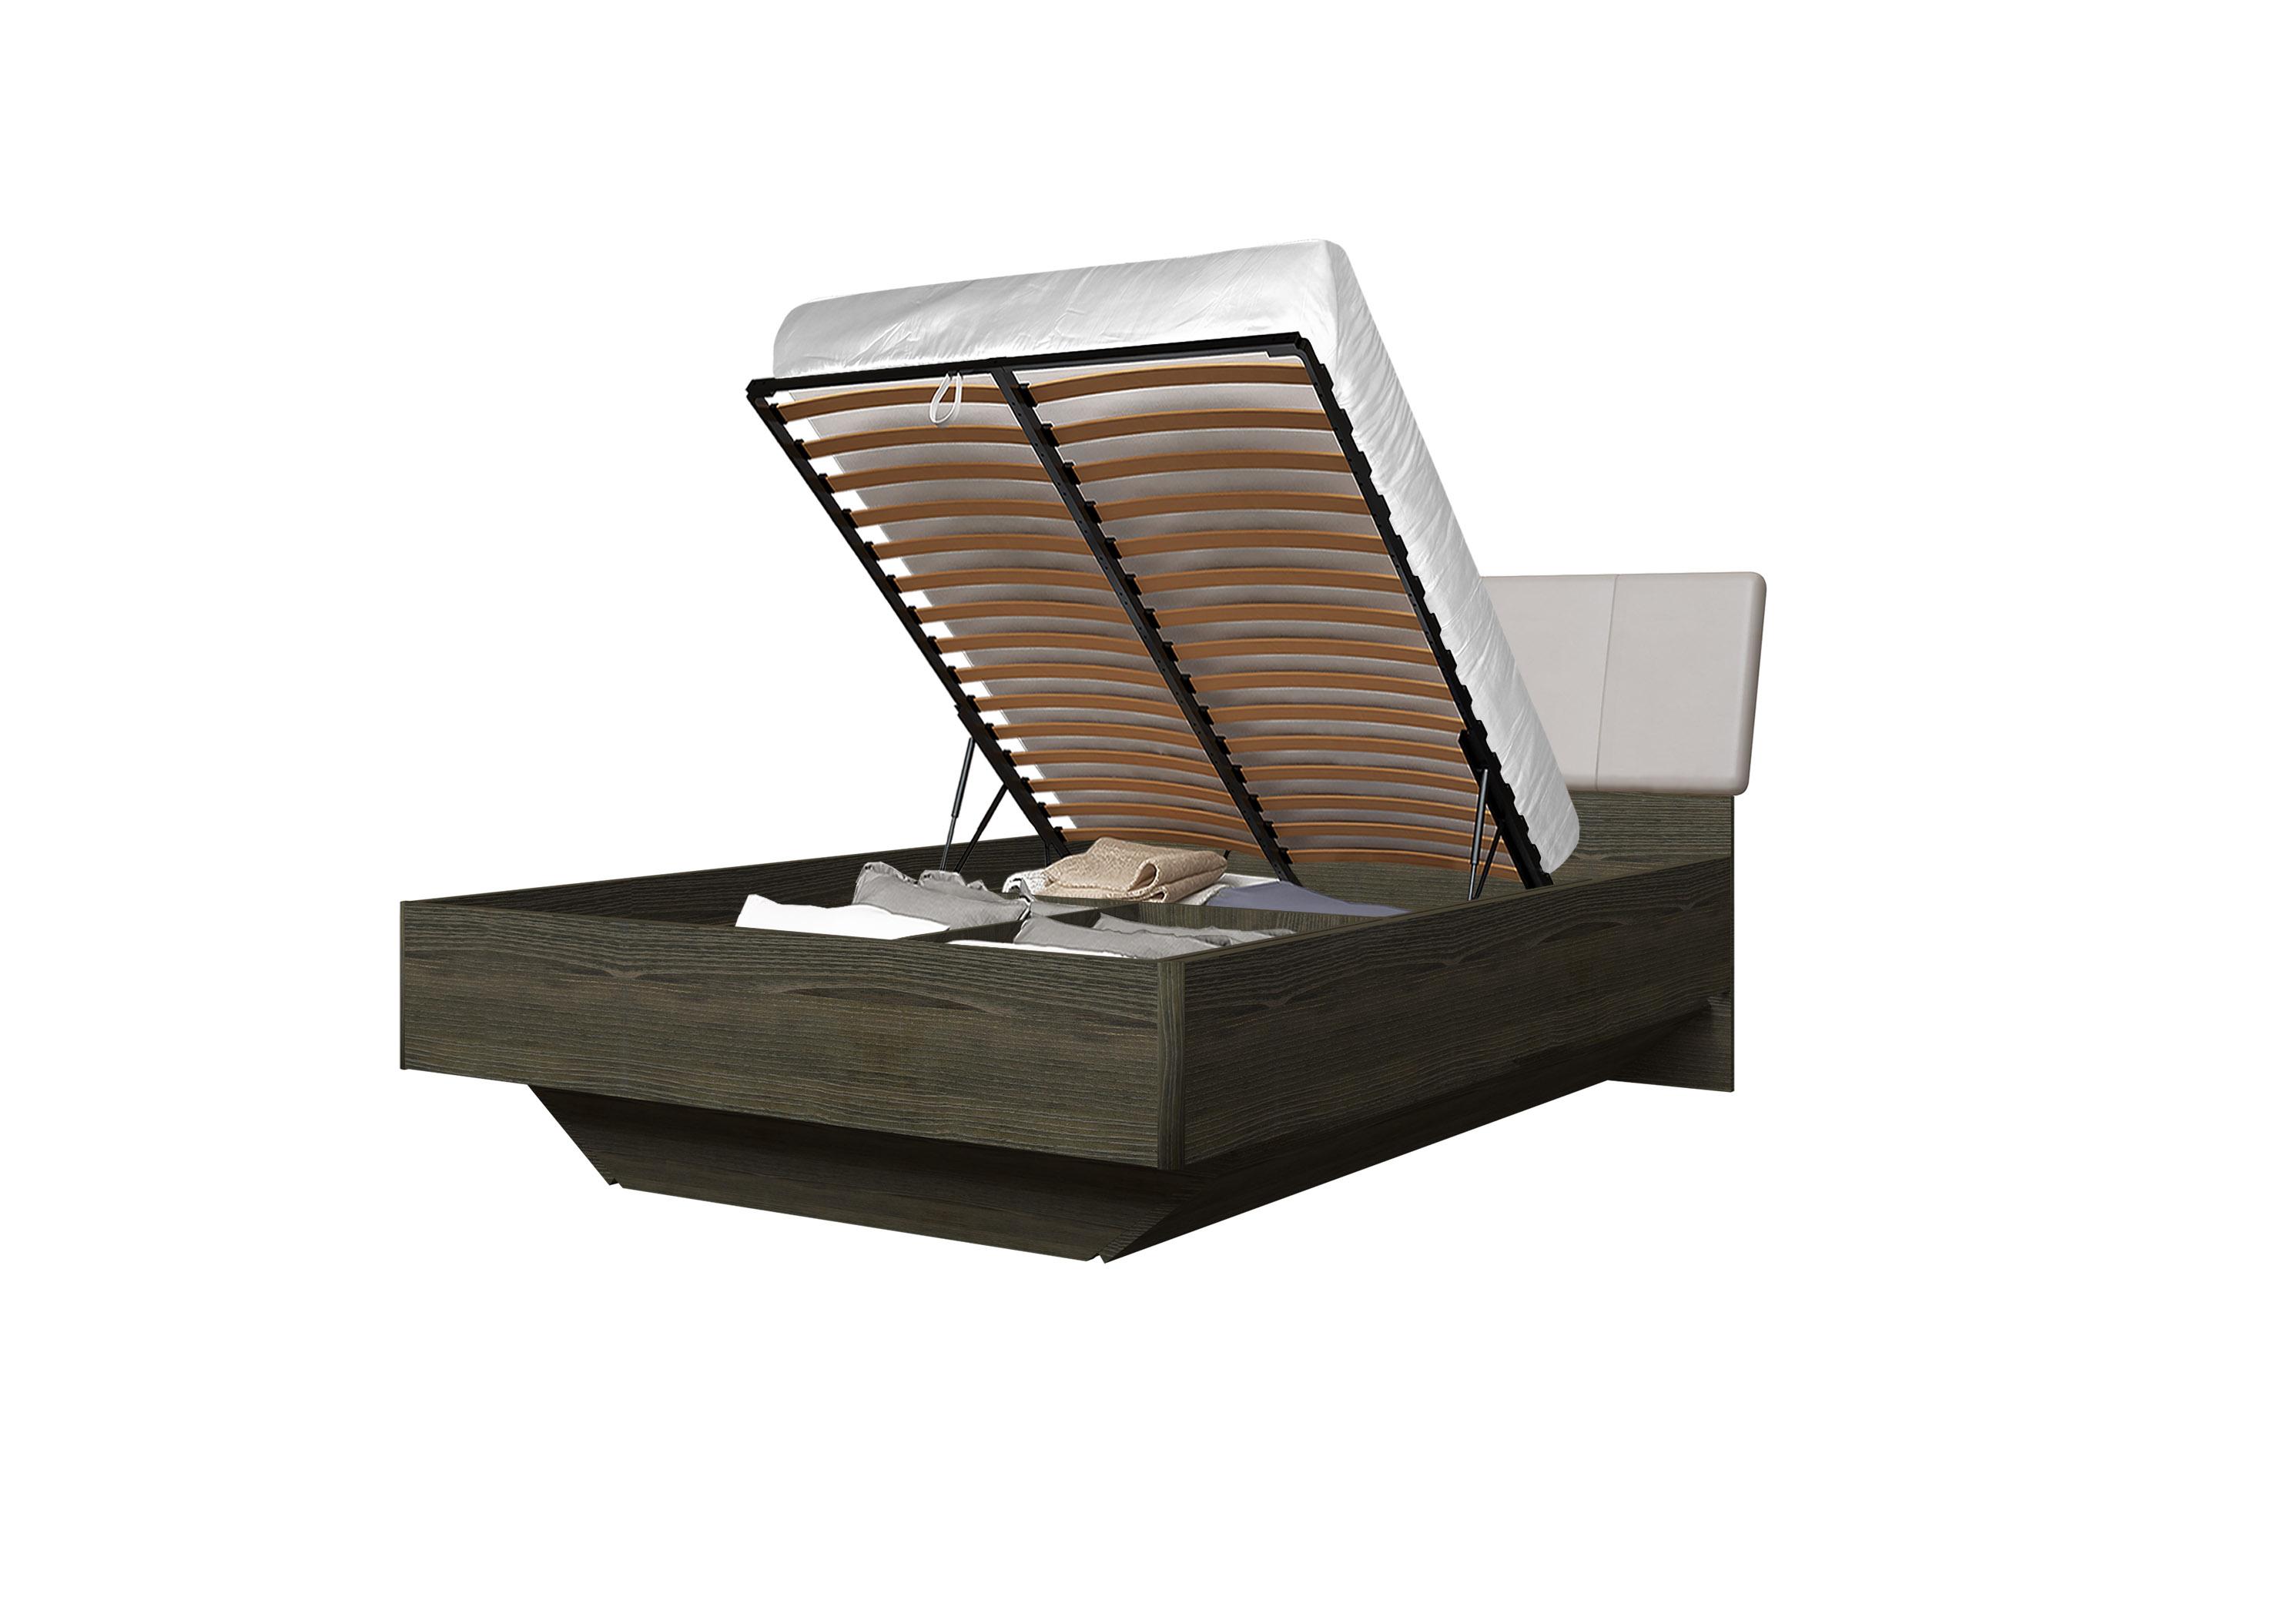 Doppelbett Toskana 140x200 in Dunkle Buche/Cappuccino inkl. Bettkasten